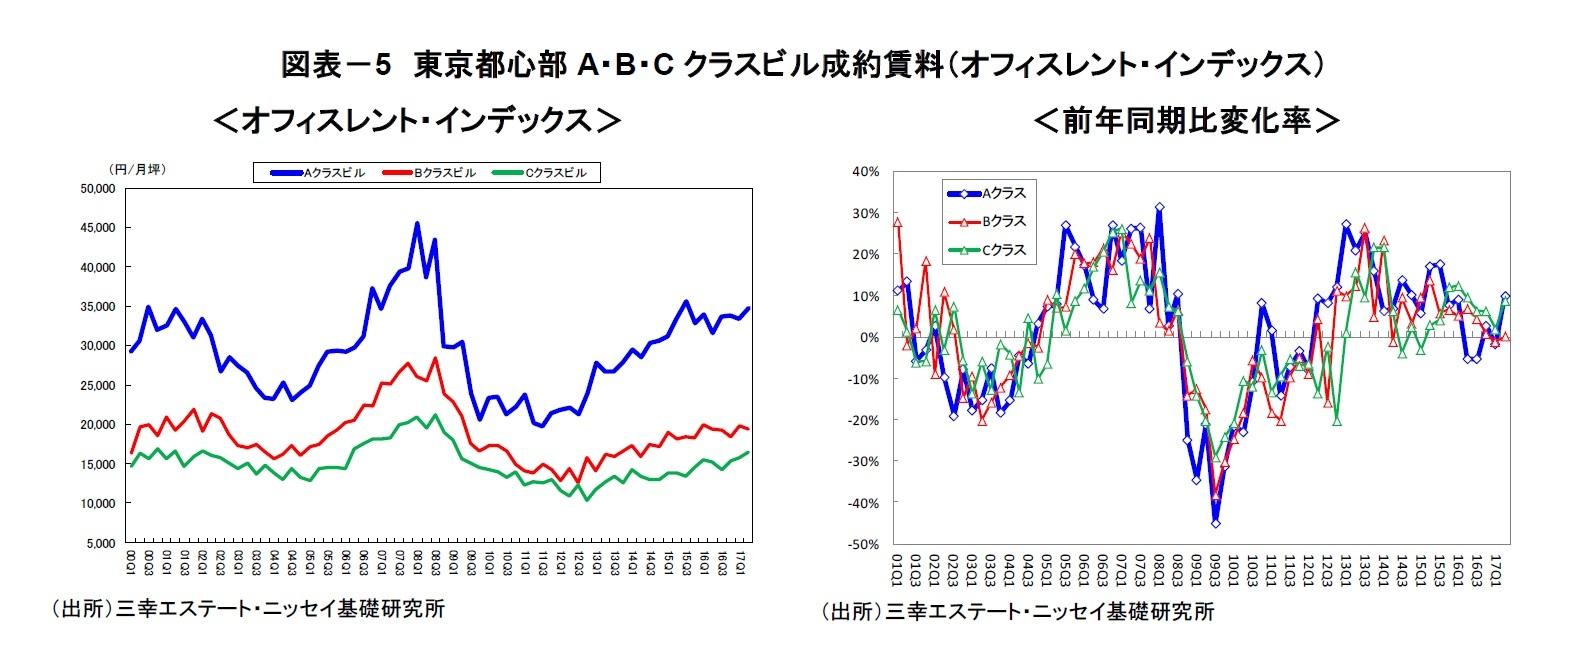 図表-5 東京都心部A・B・Cクラスビル成約賃料(オフィスレント・インデックス)